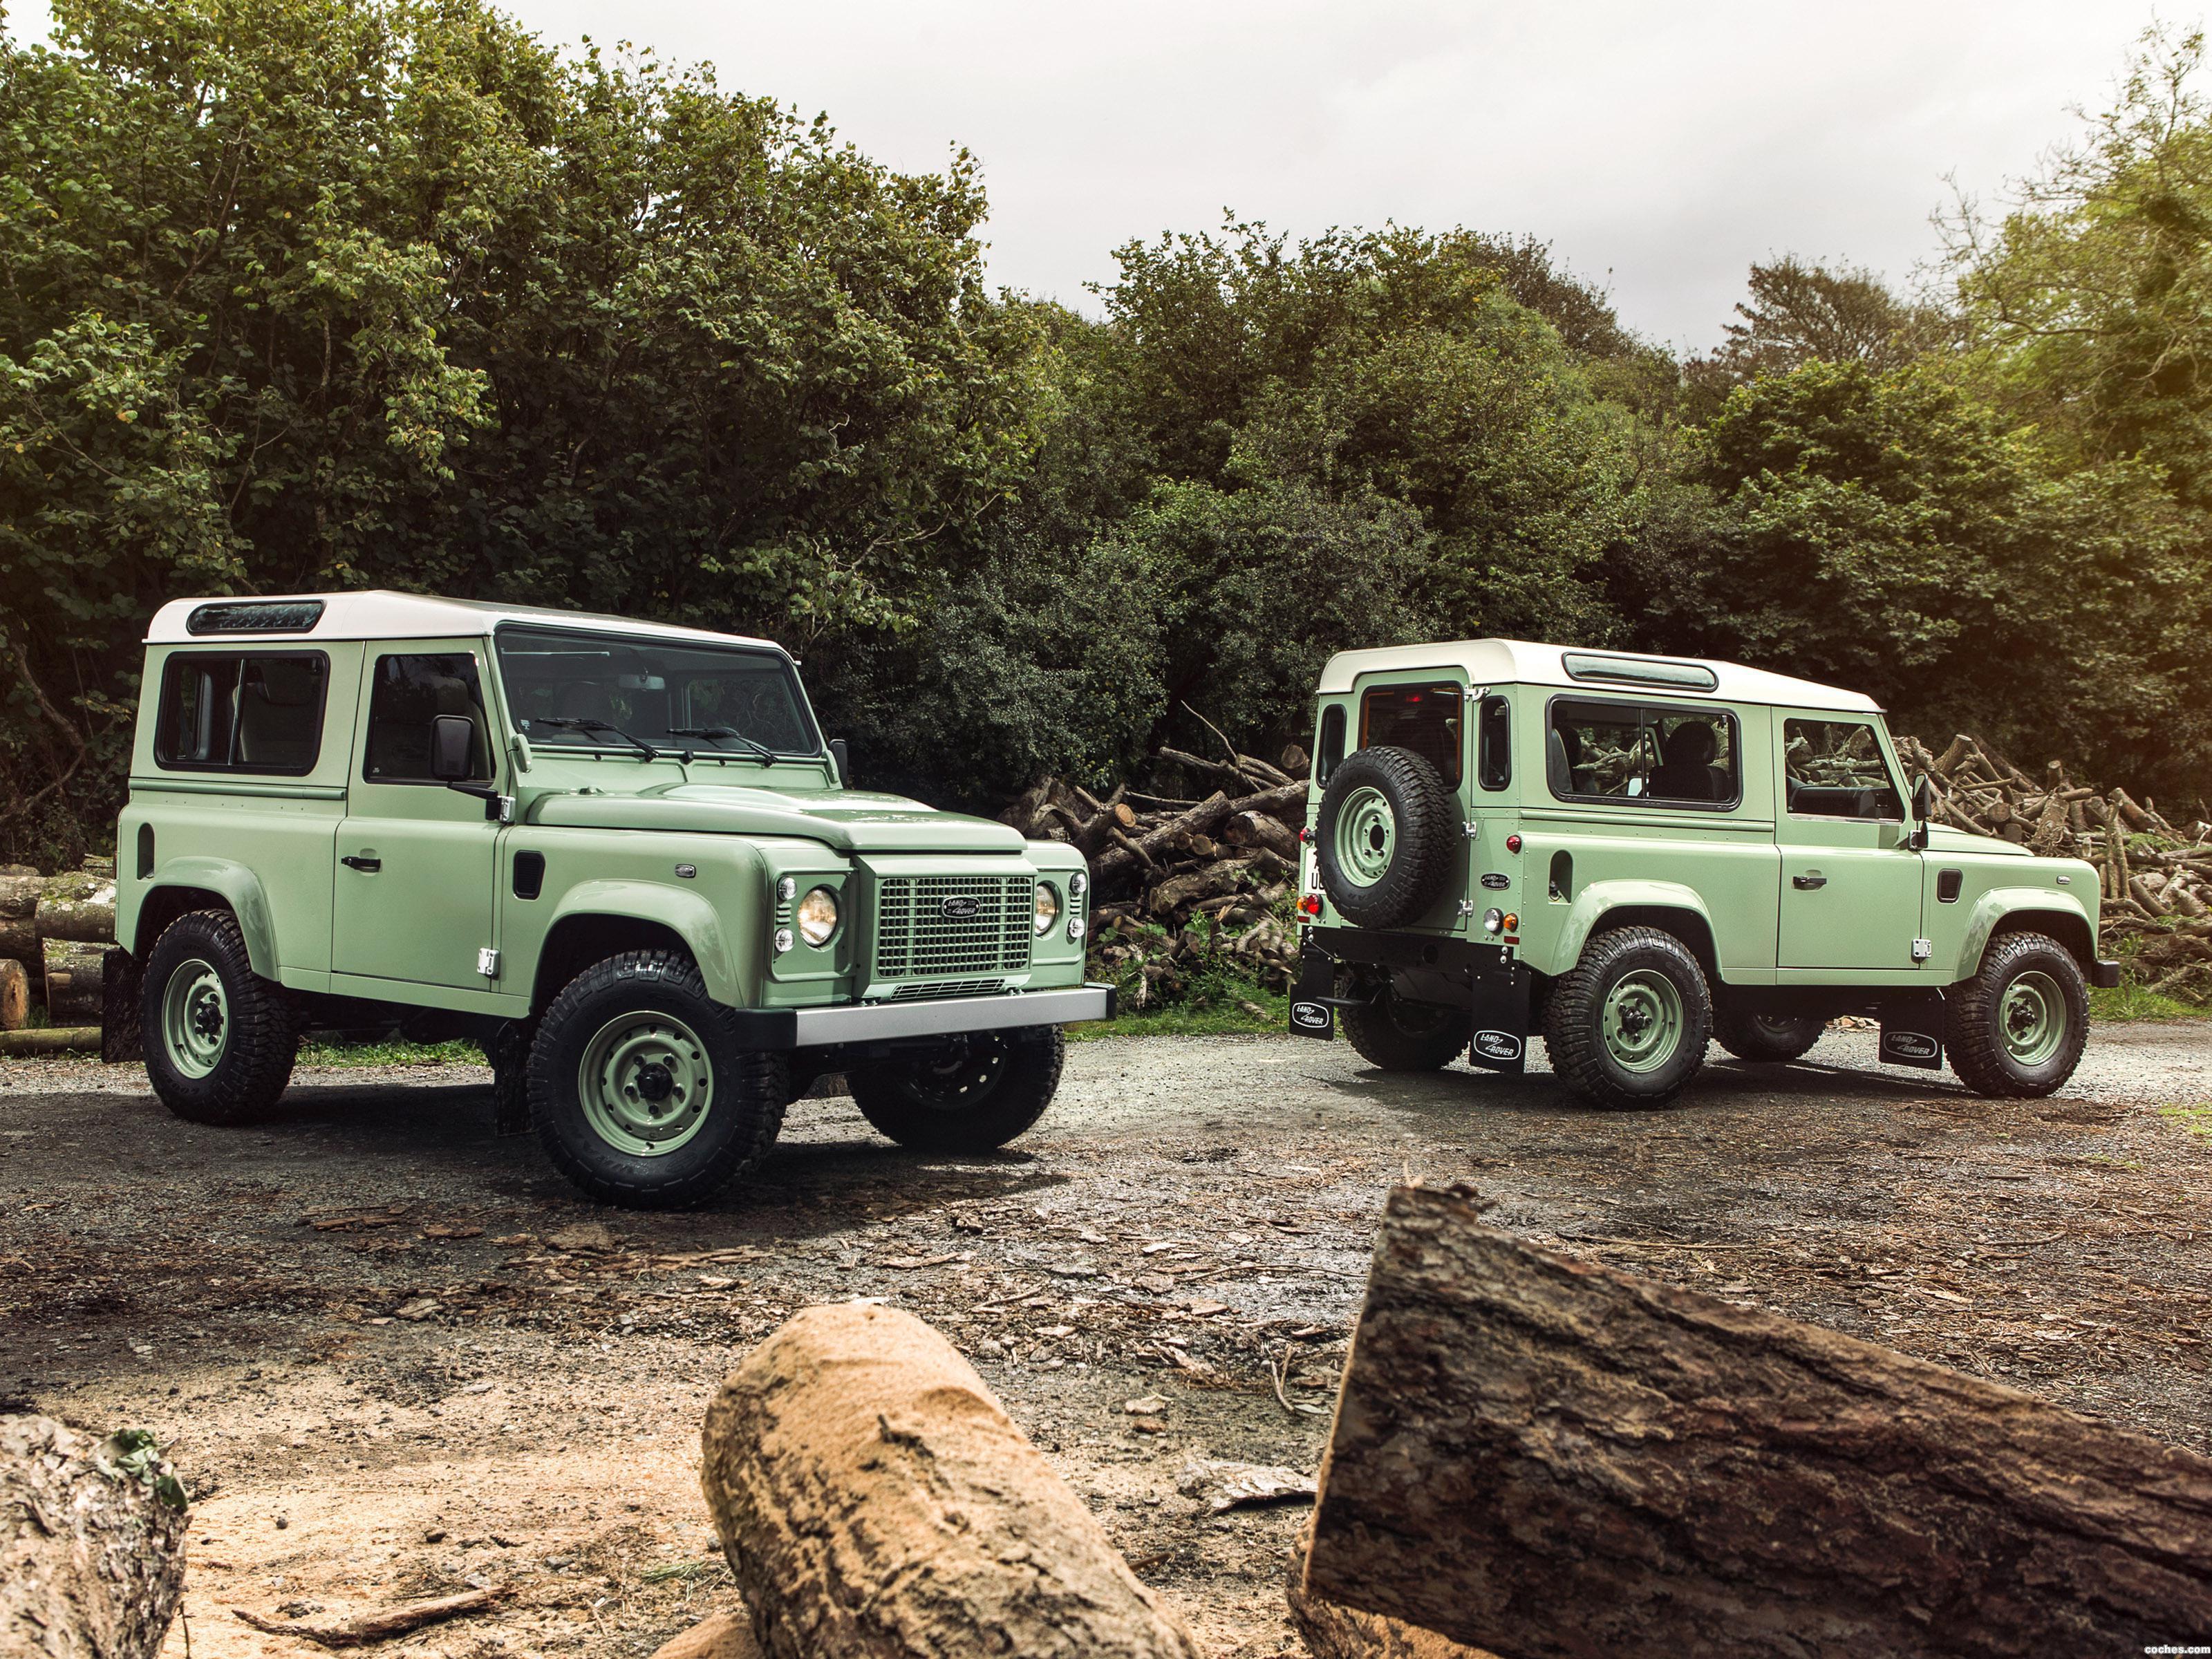 Foto 3 de Land Rover Defender 90 Heritage 2015